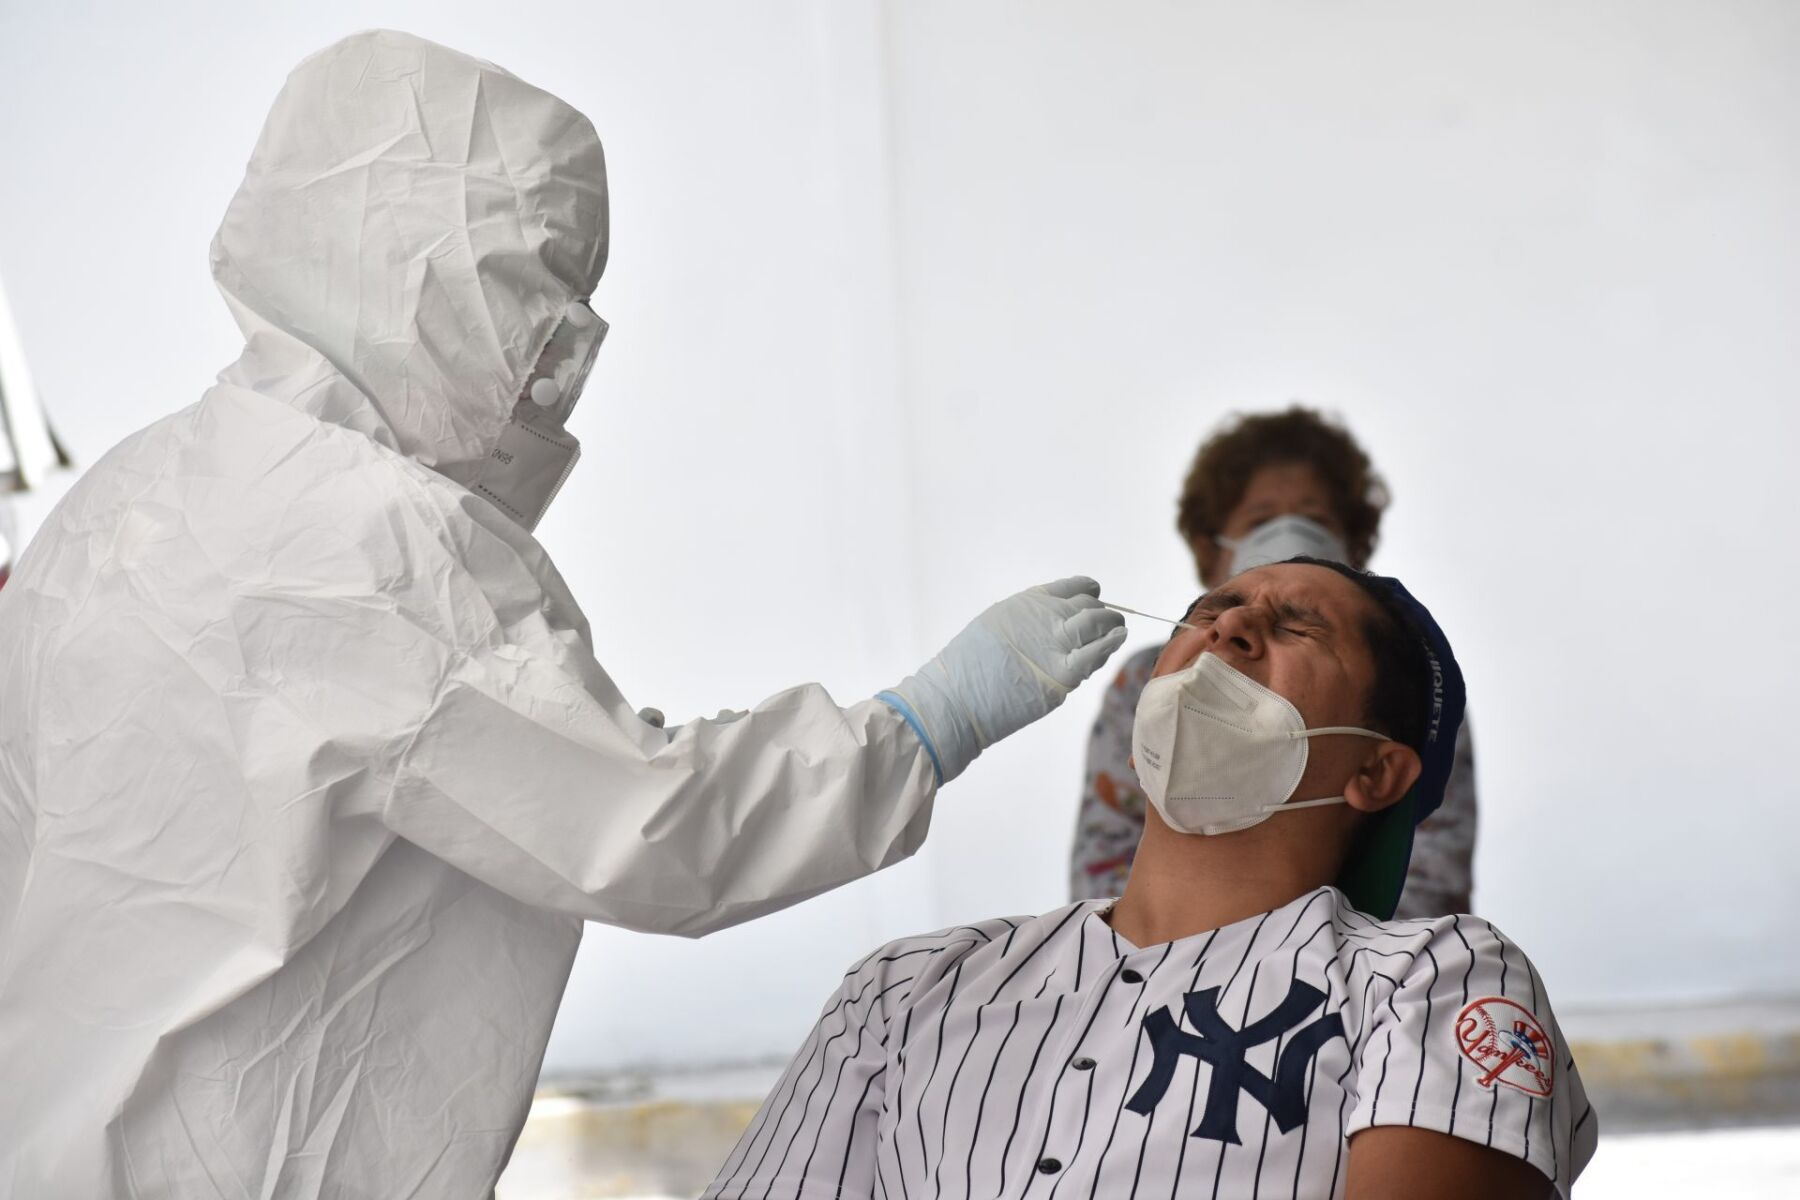 En diferentes puntos se han instalado al menos seis módulos para realizar pruebas para detectar el Covid-19, en personas que tengan la sospecha de tener esta enfermedad.